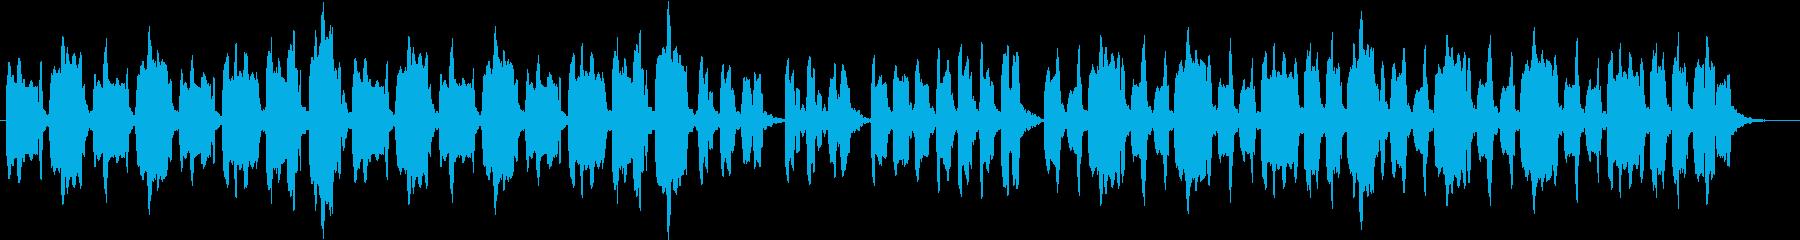 ほのぼのしてのんびりとした曲の再生済みの波形